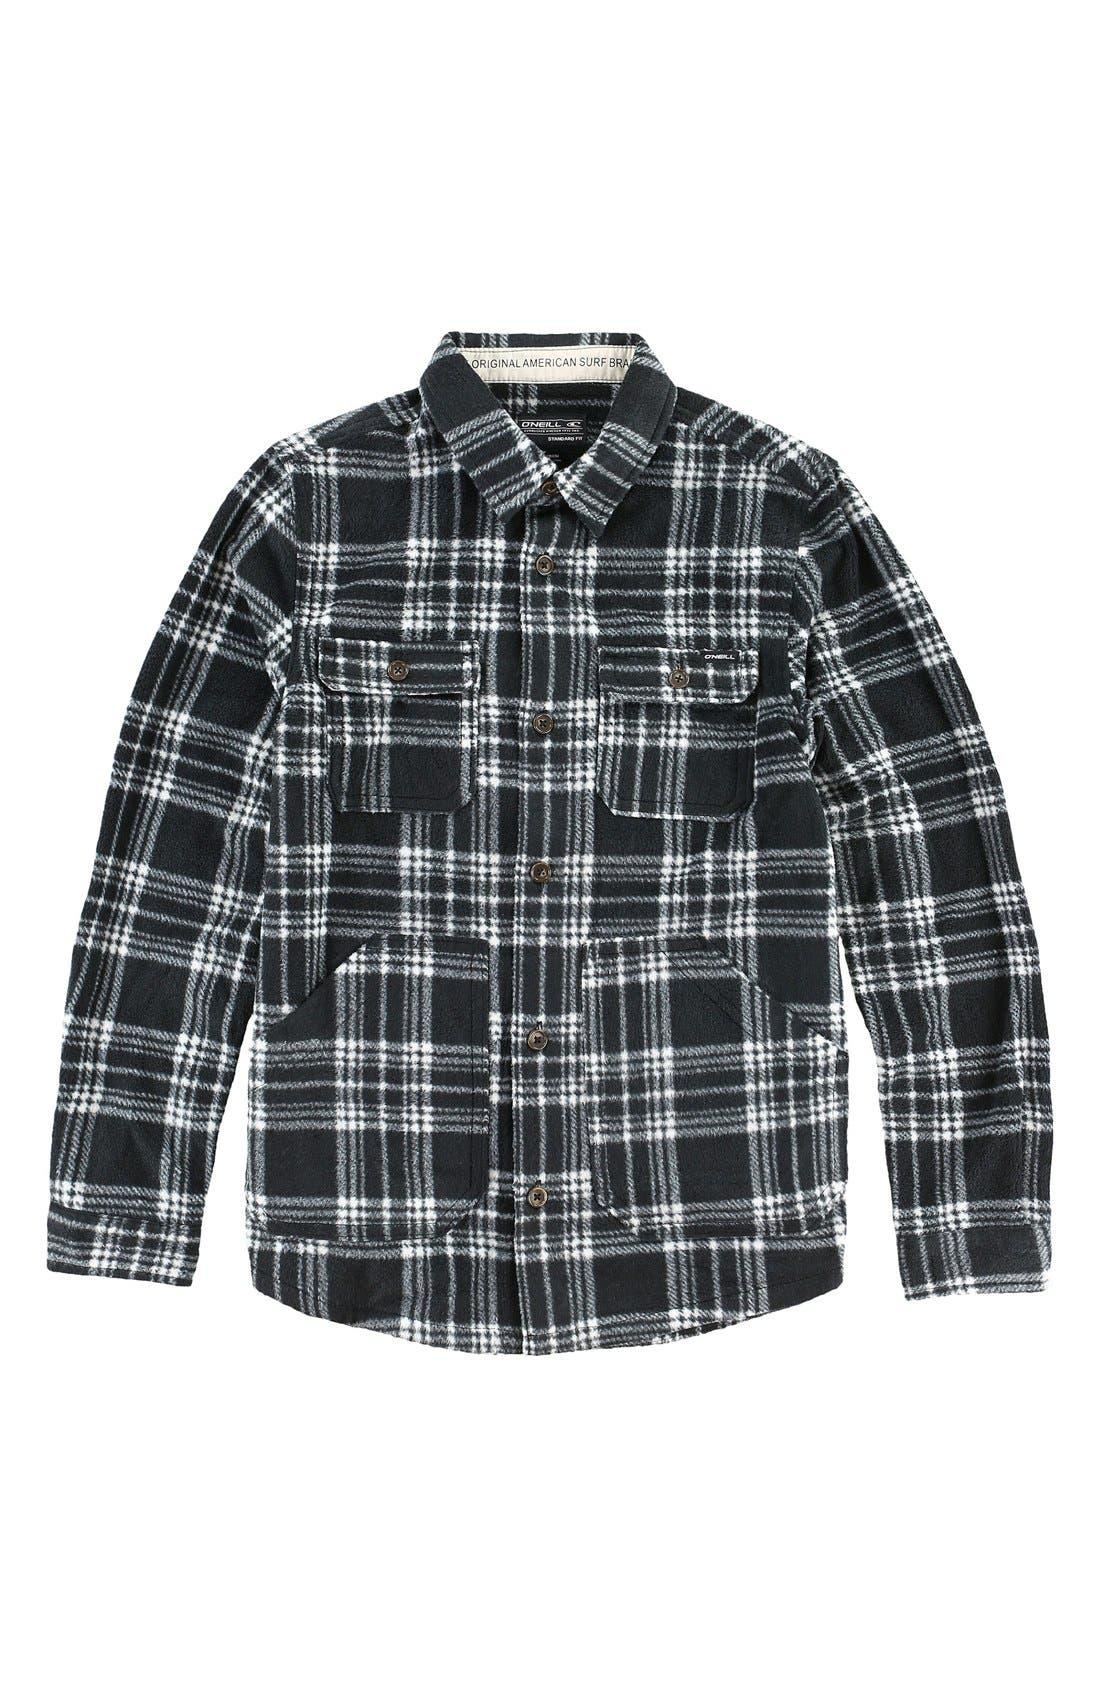 'Glacier' Check Long Sleeve Fleece Shirt,                             Main thumbnail 1, color,                             001